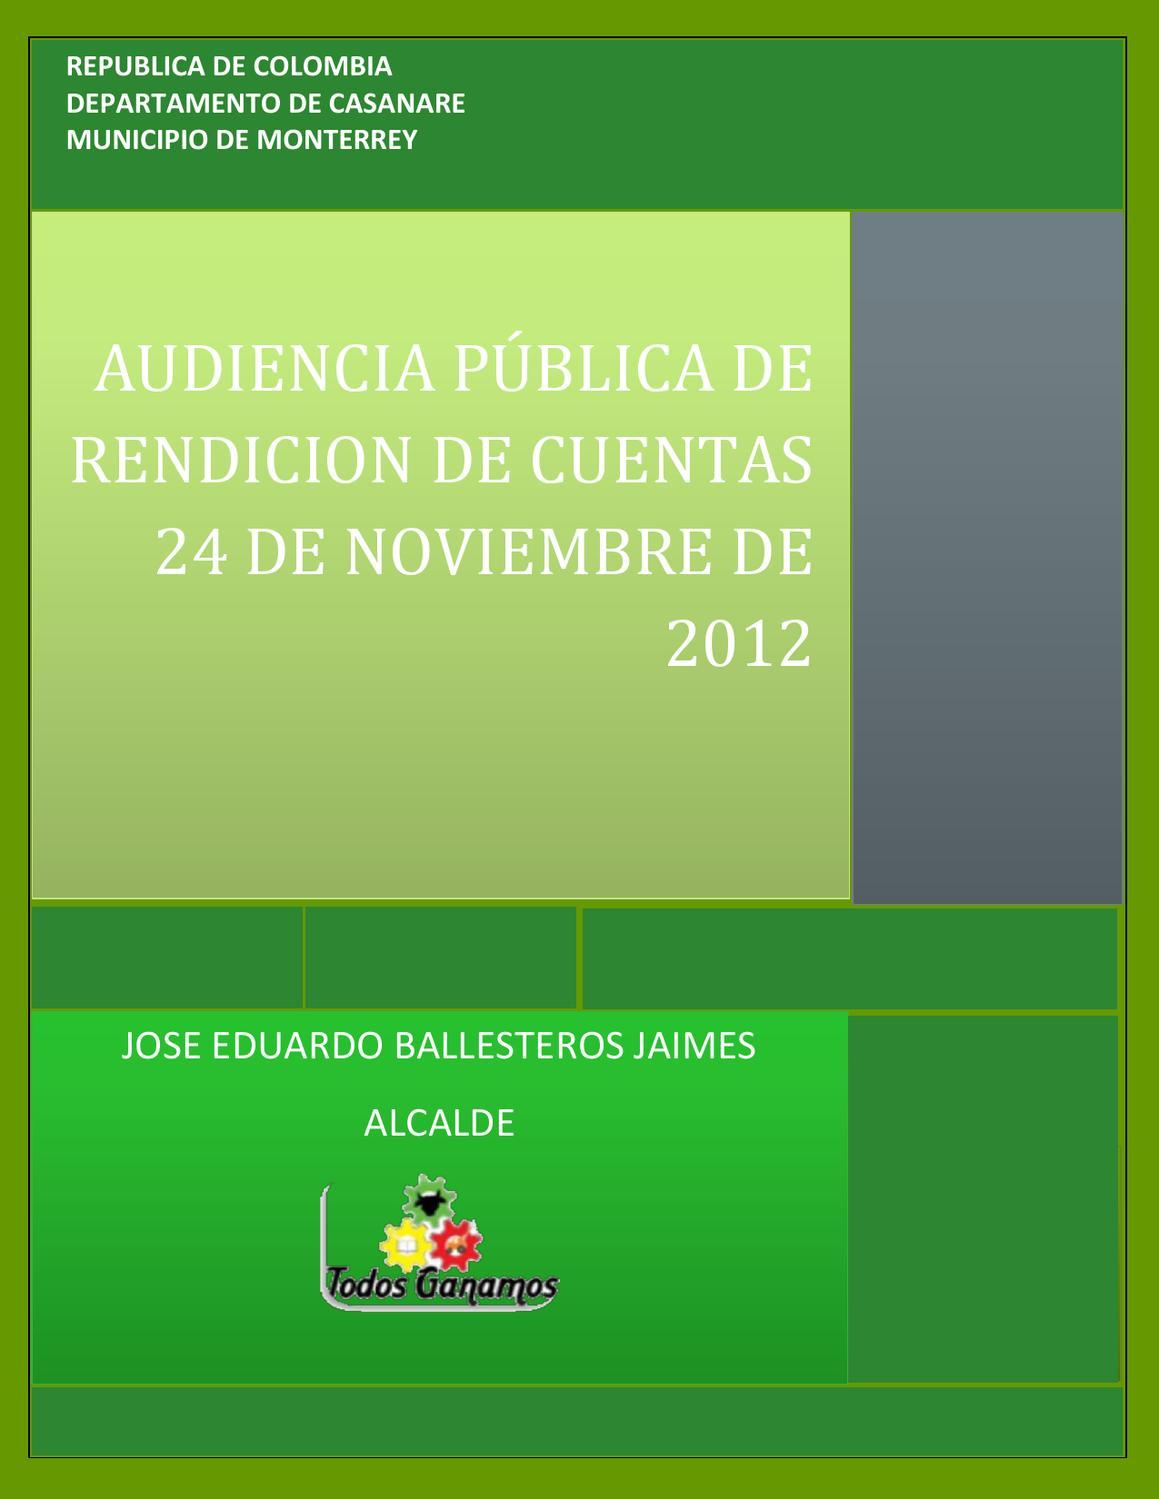 informe de rendicion de cuentas primera parte by arnold